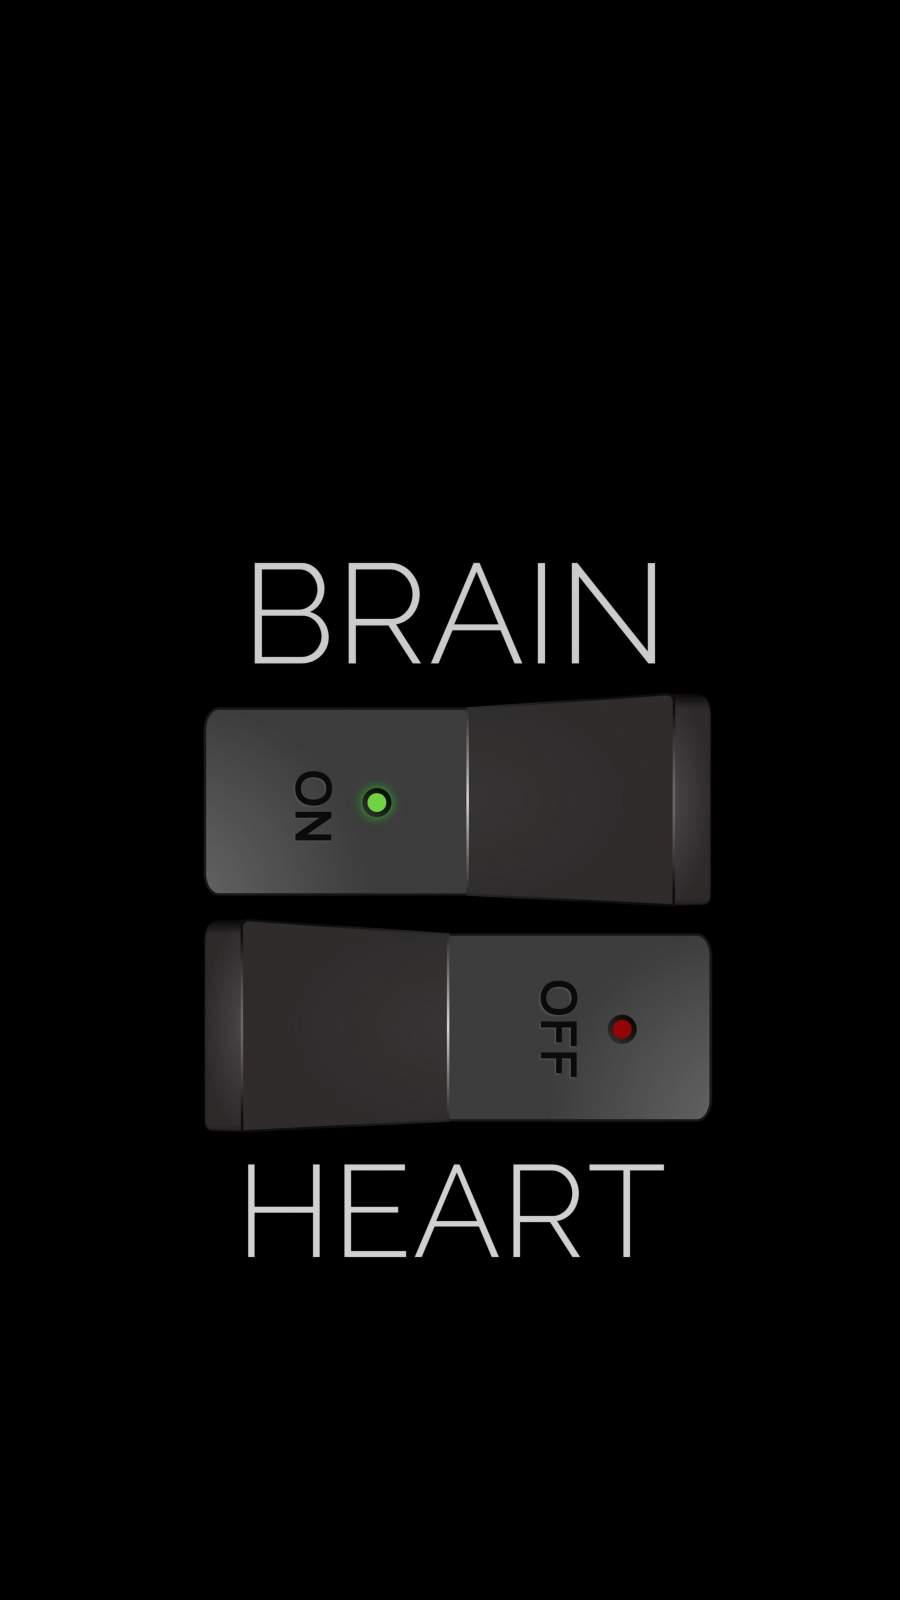 Brain ON Heart OFF